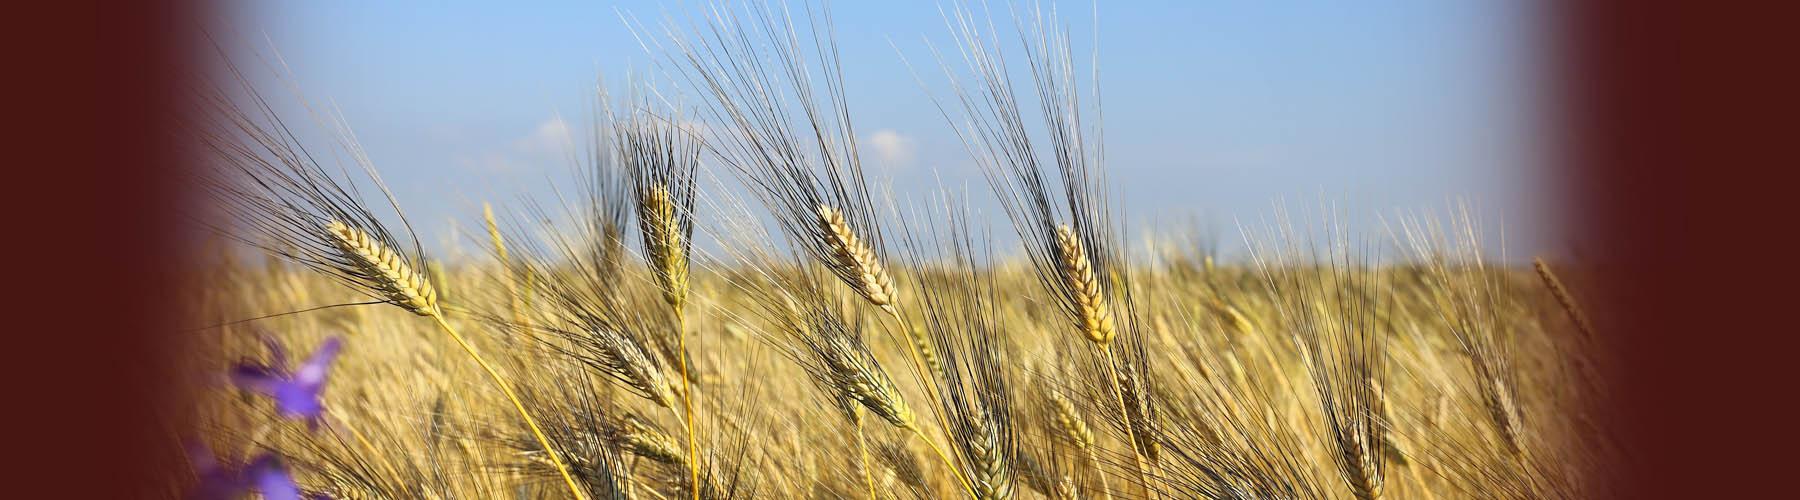 Tuscia: terra di grano